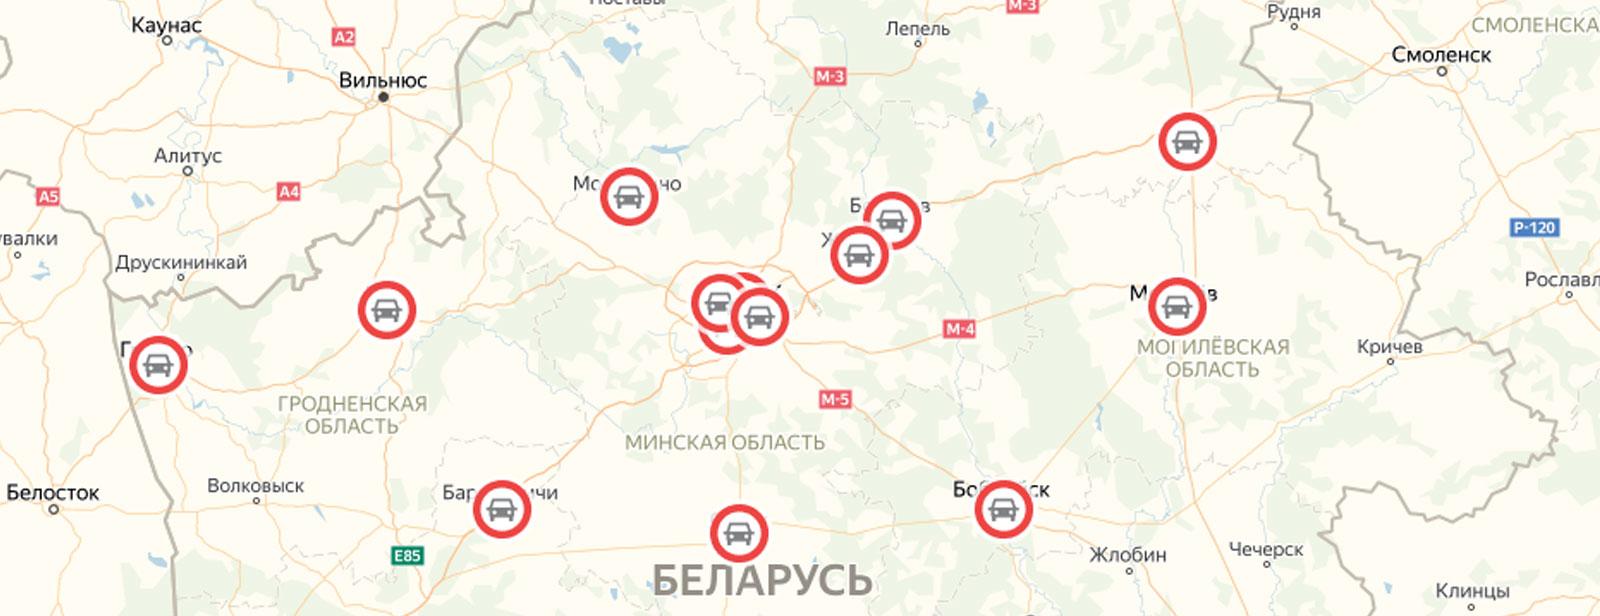 Карта точек офисов